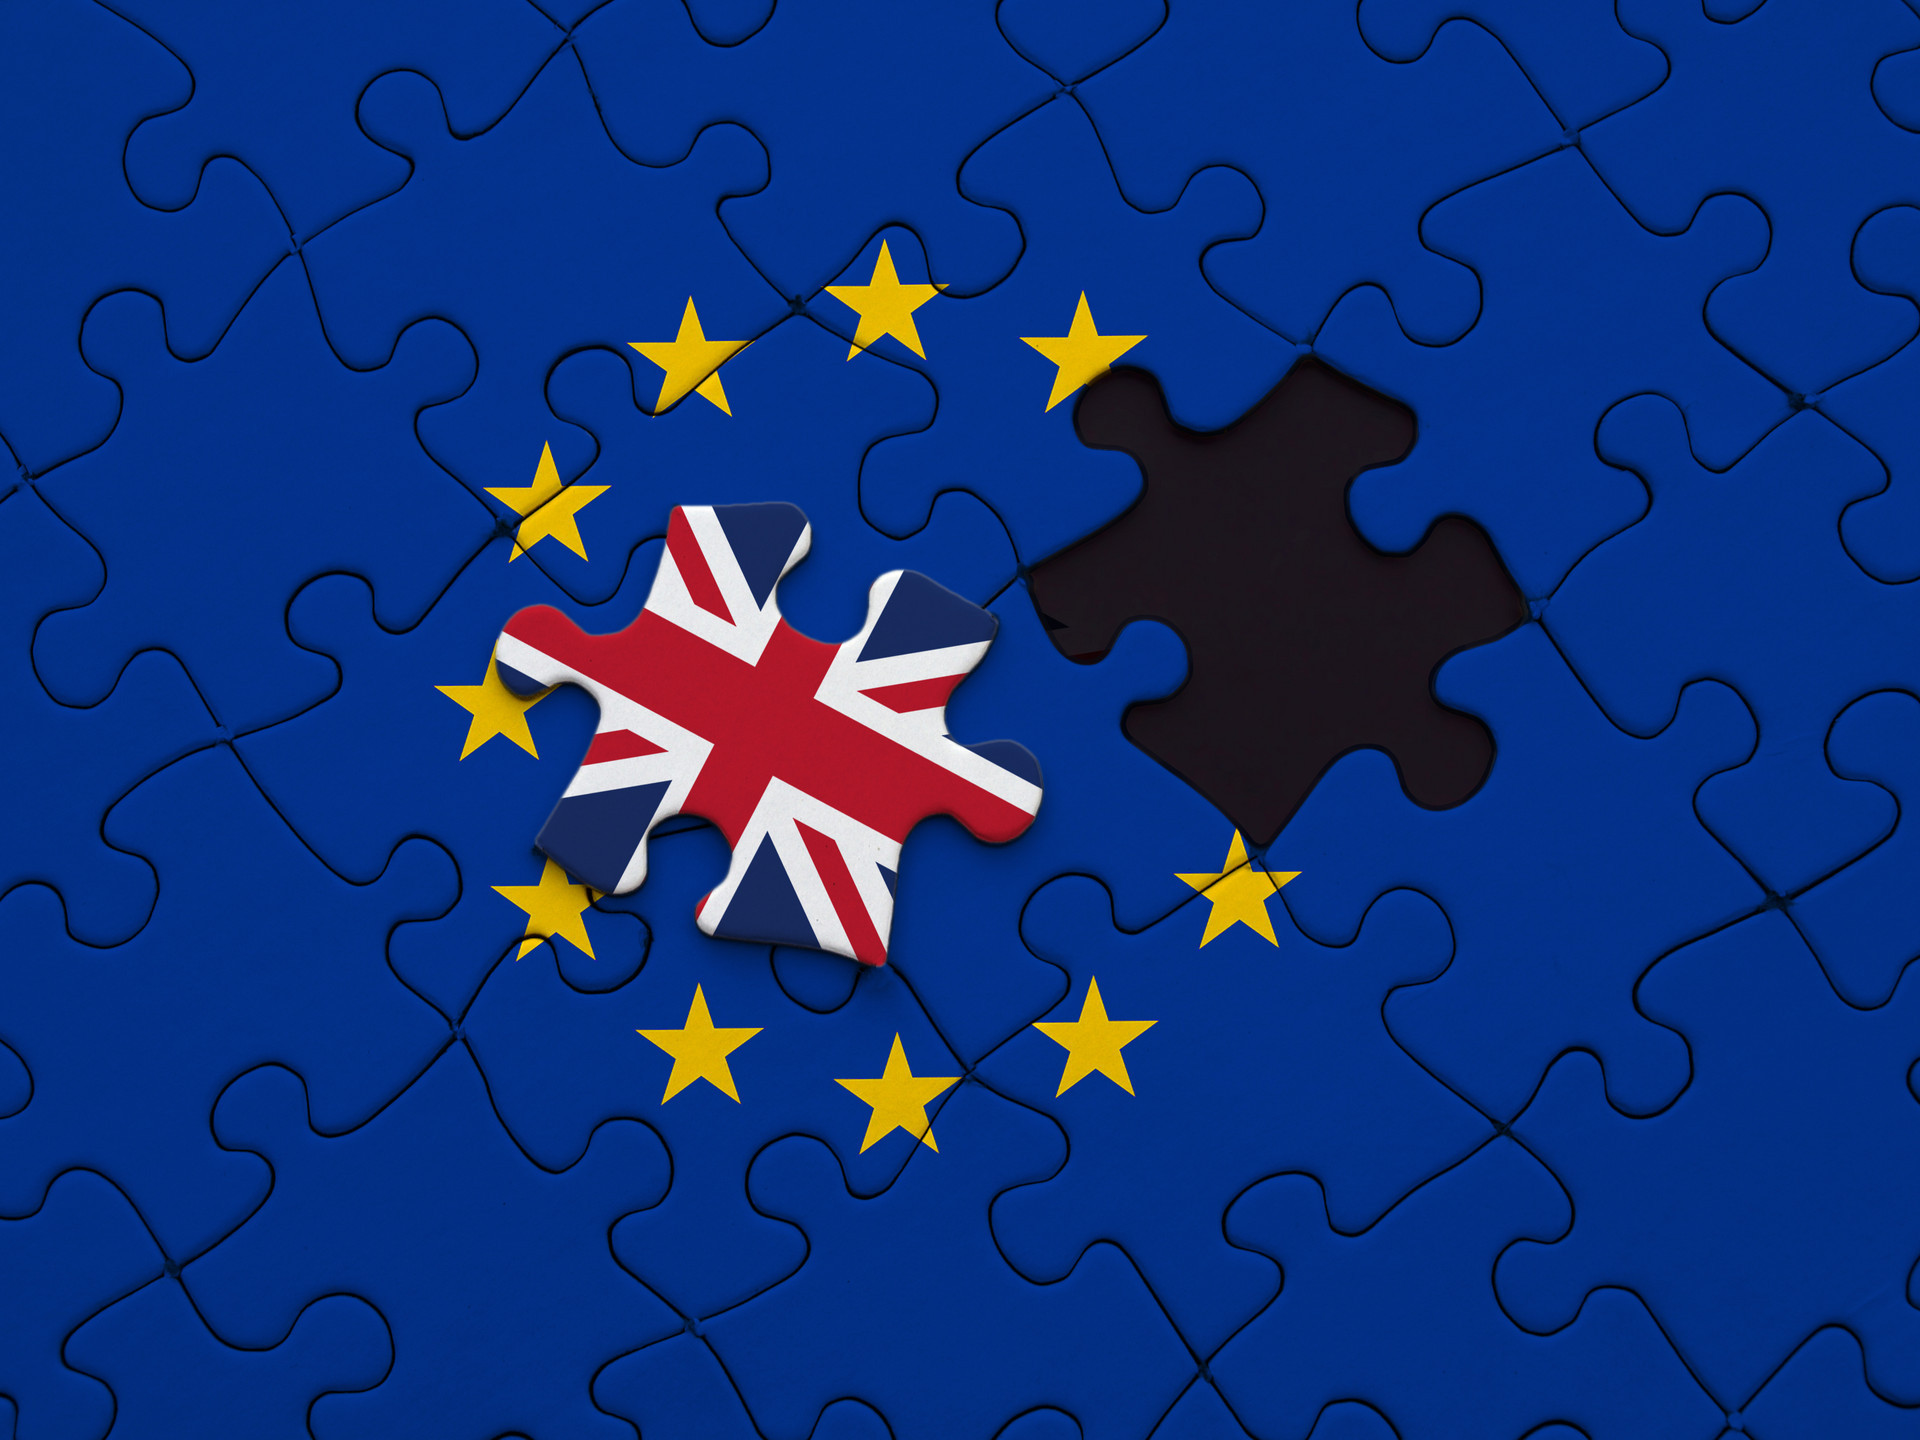 英国脱欧捣乱贸易 美澳等15个WTO成员请求英欧给补偿